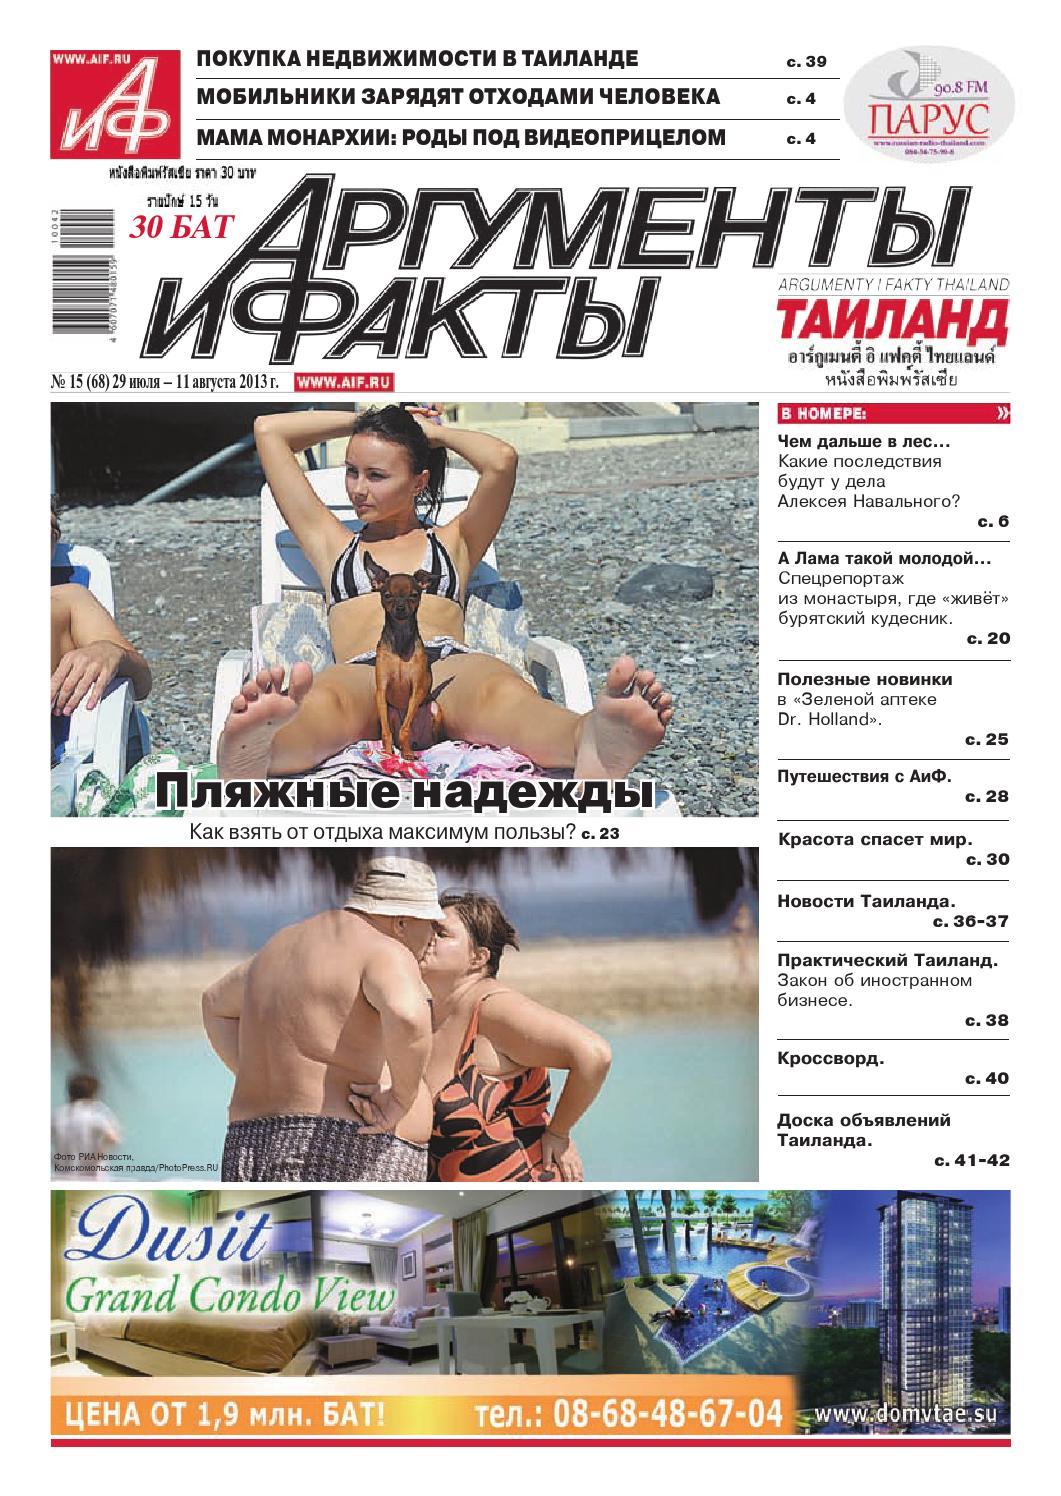 Свадьба Тарасова и Костенко выльется в крупную сумму изоражения